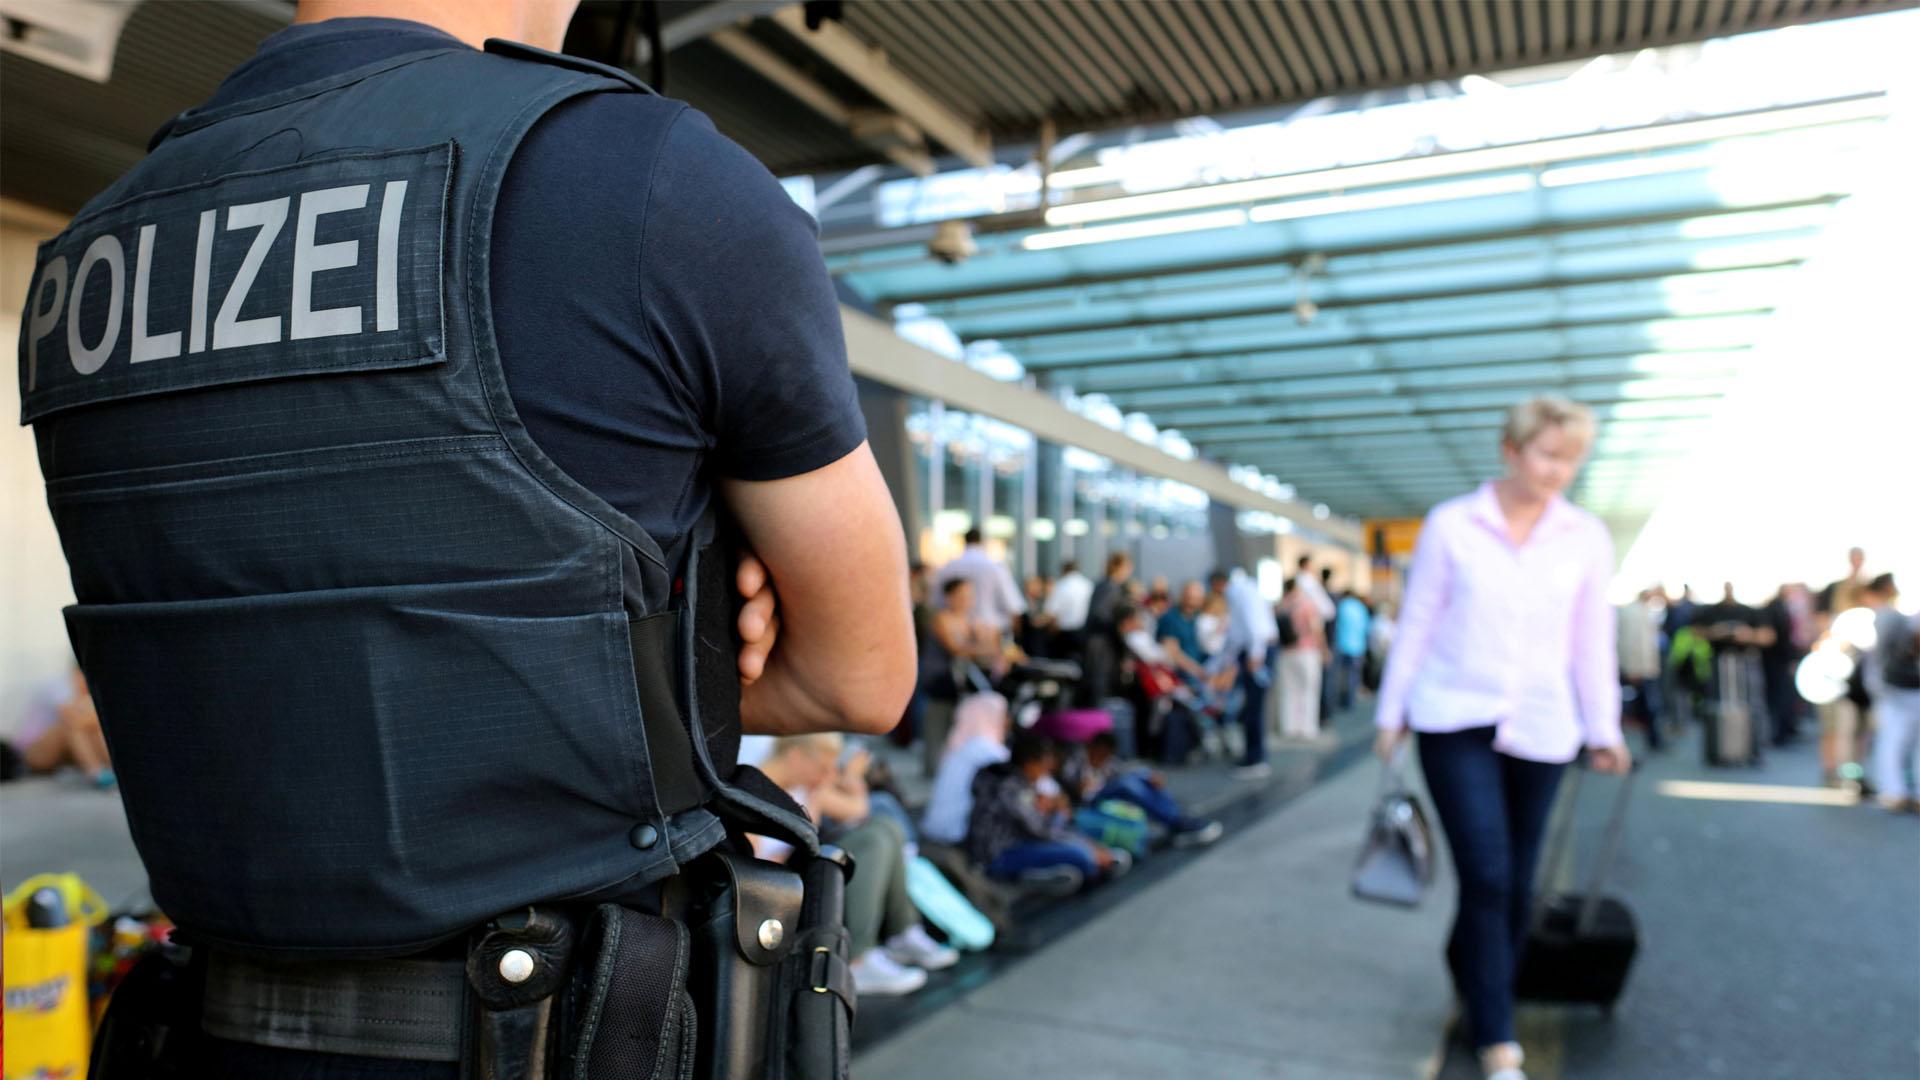 El terminal 1 alemán fue desalojado en vista que una mujer se saltó el control de seguridad y generó alerta en los funcionarios